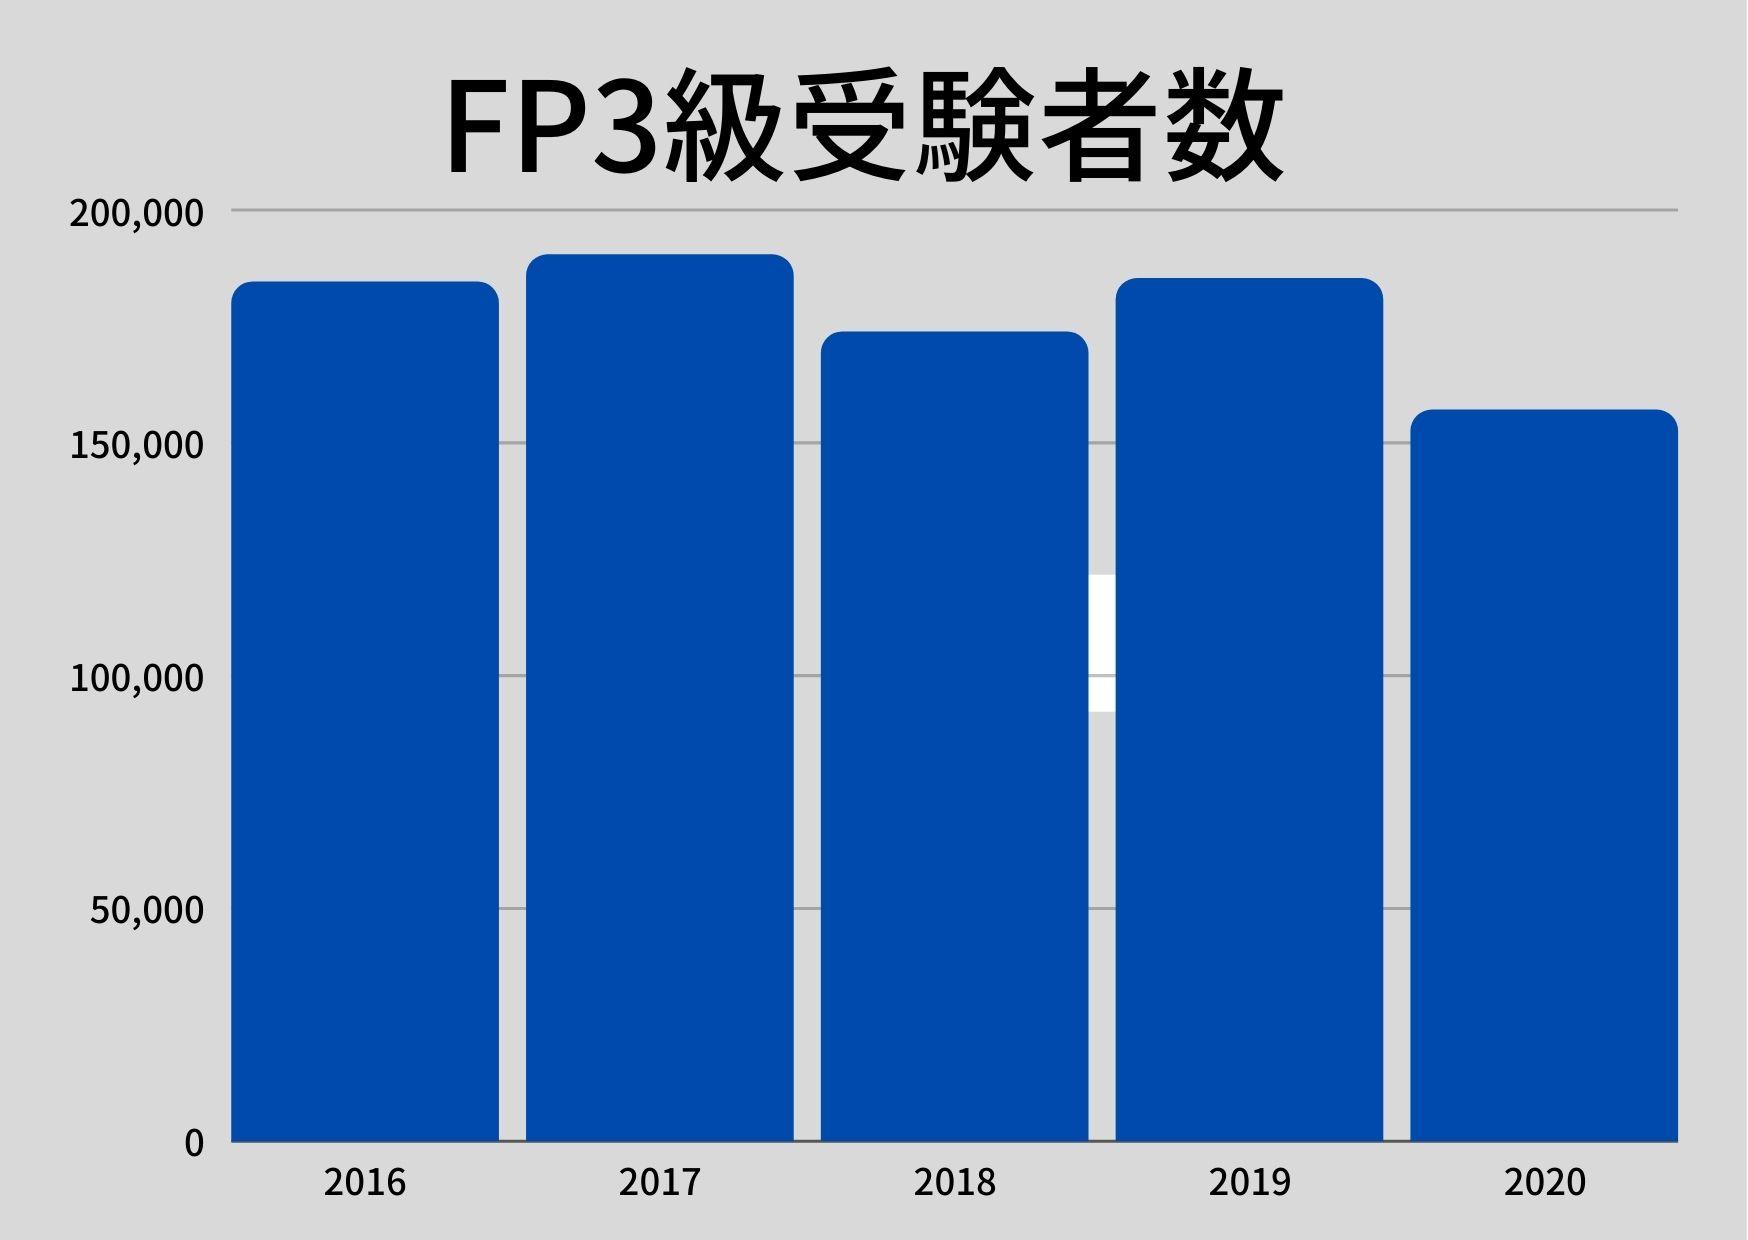 FP3級 受験者数